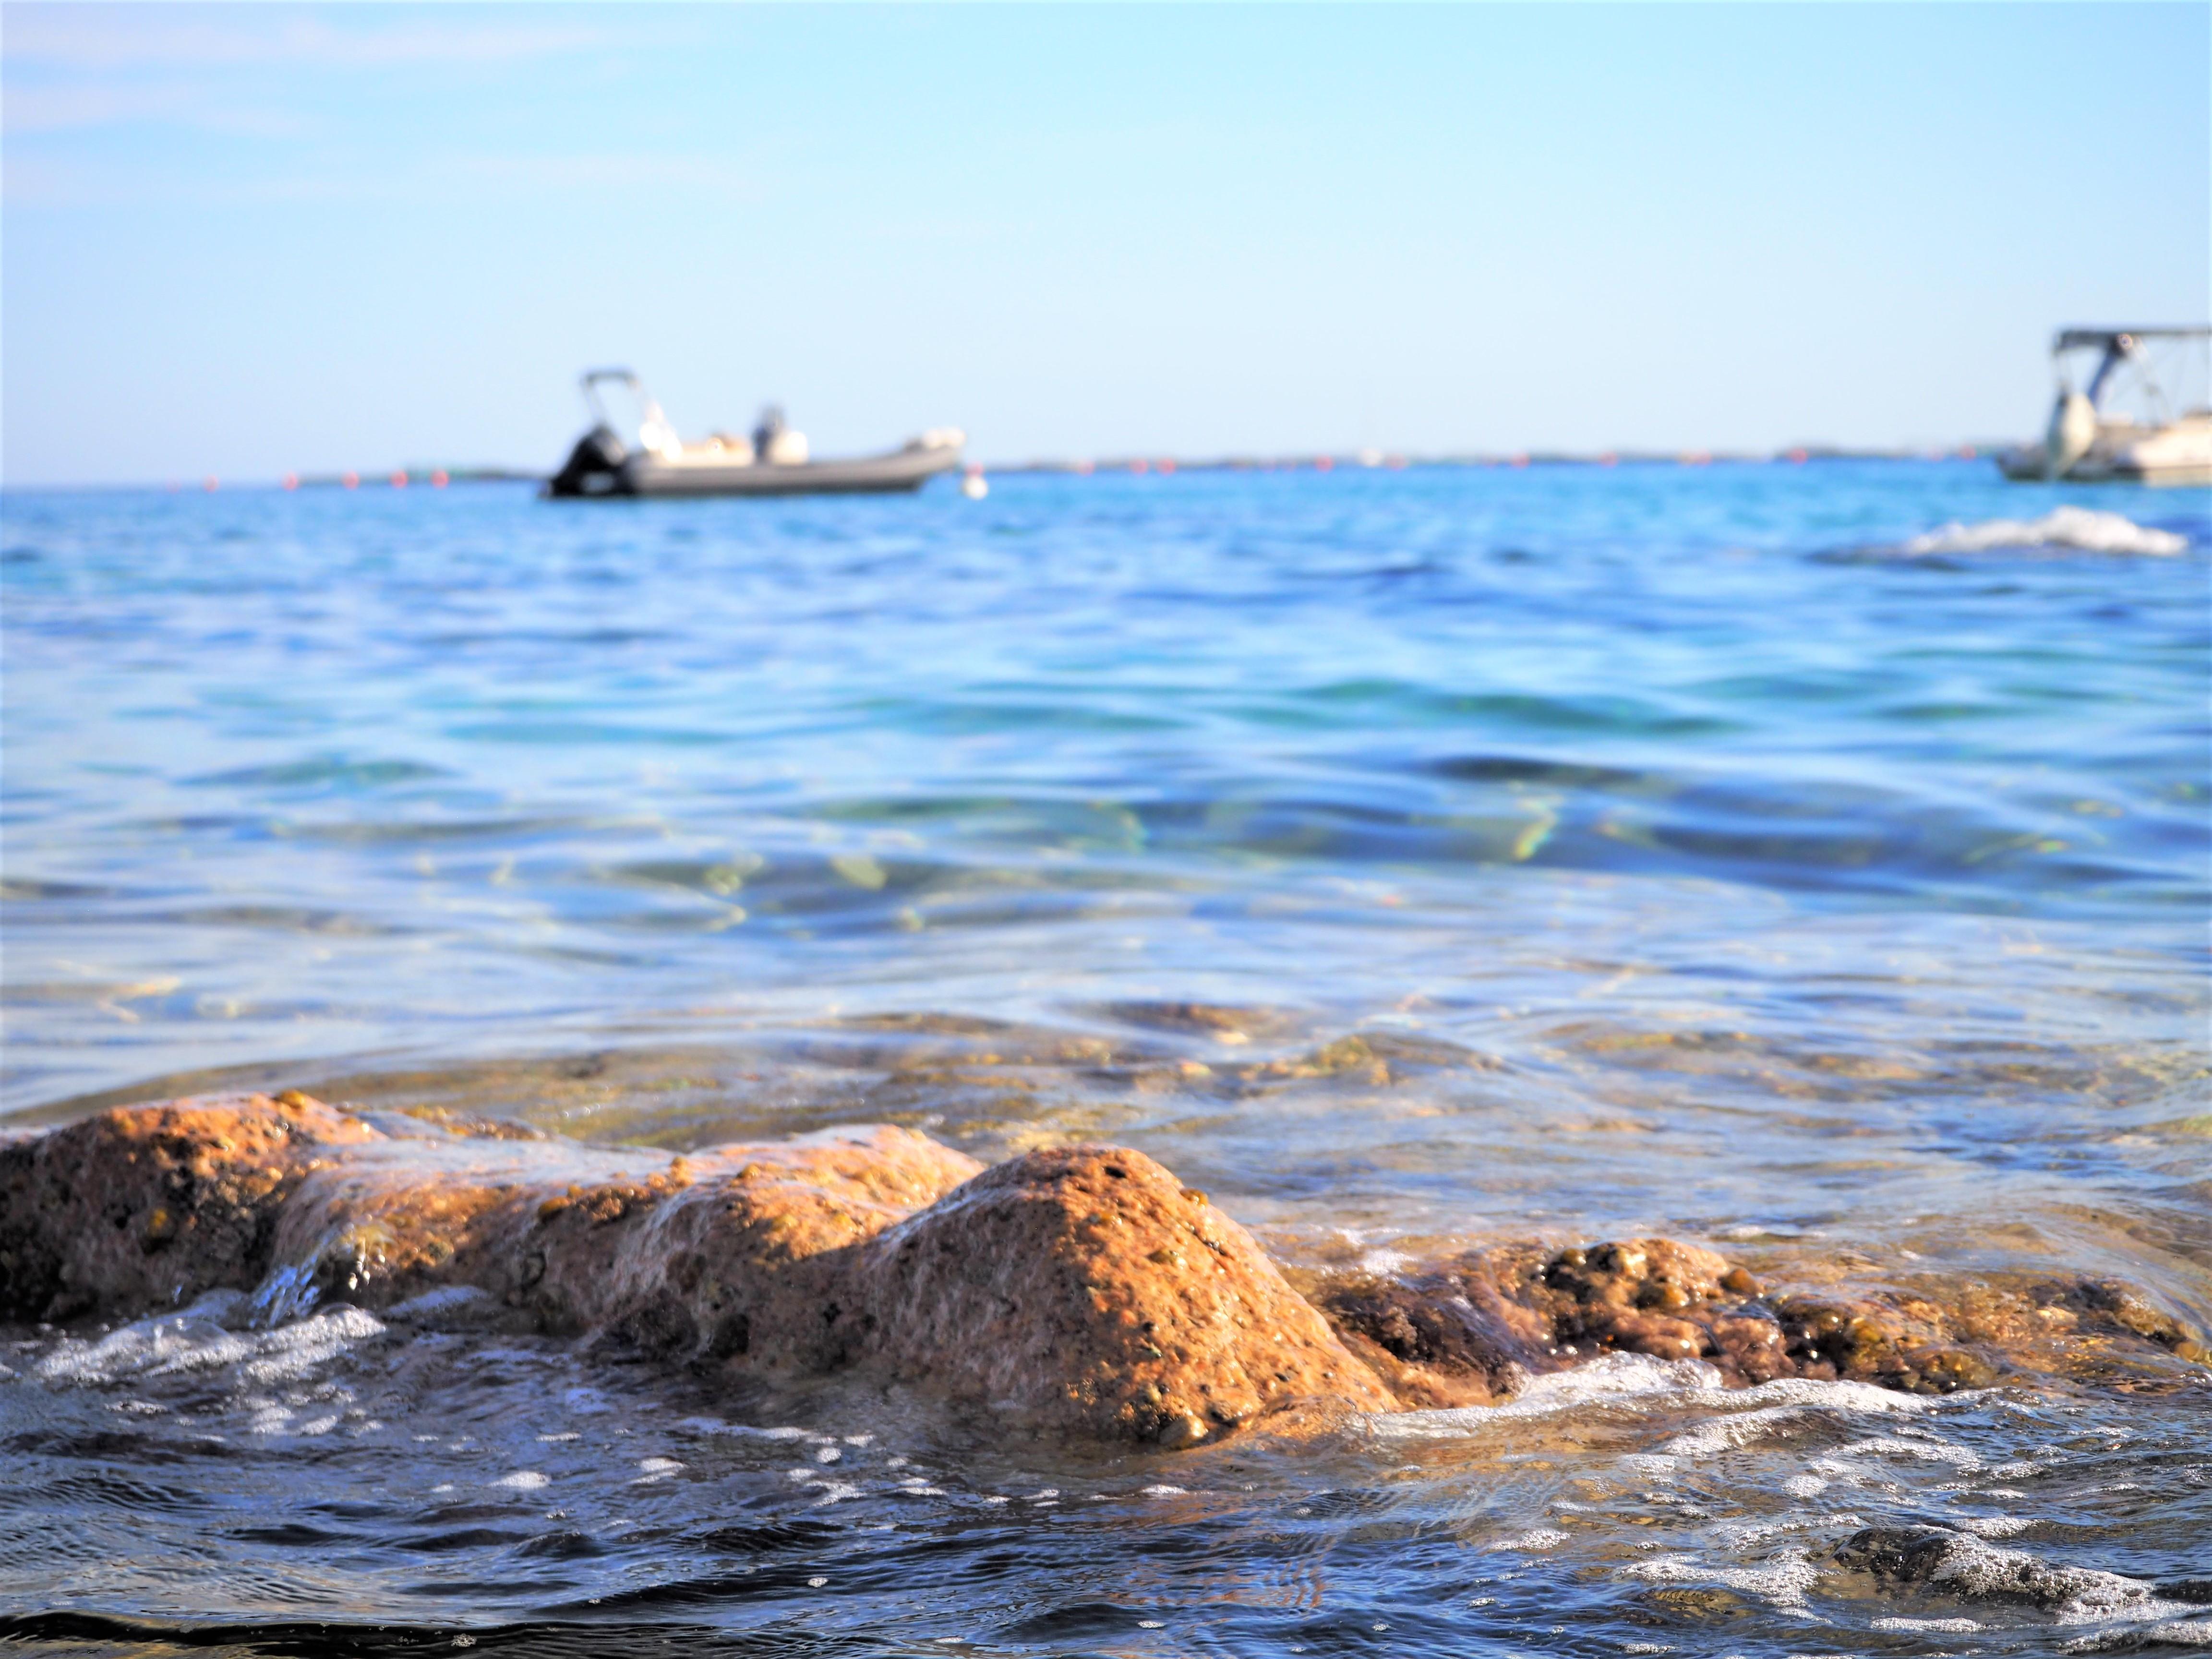 moorea plage ajaccio corse déconfinement